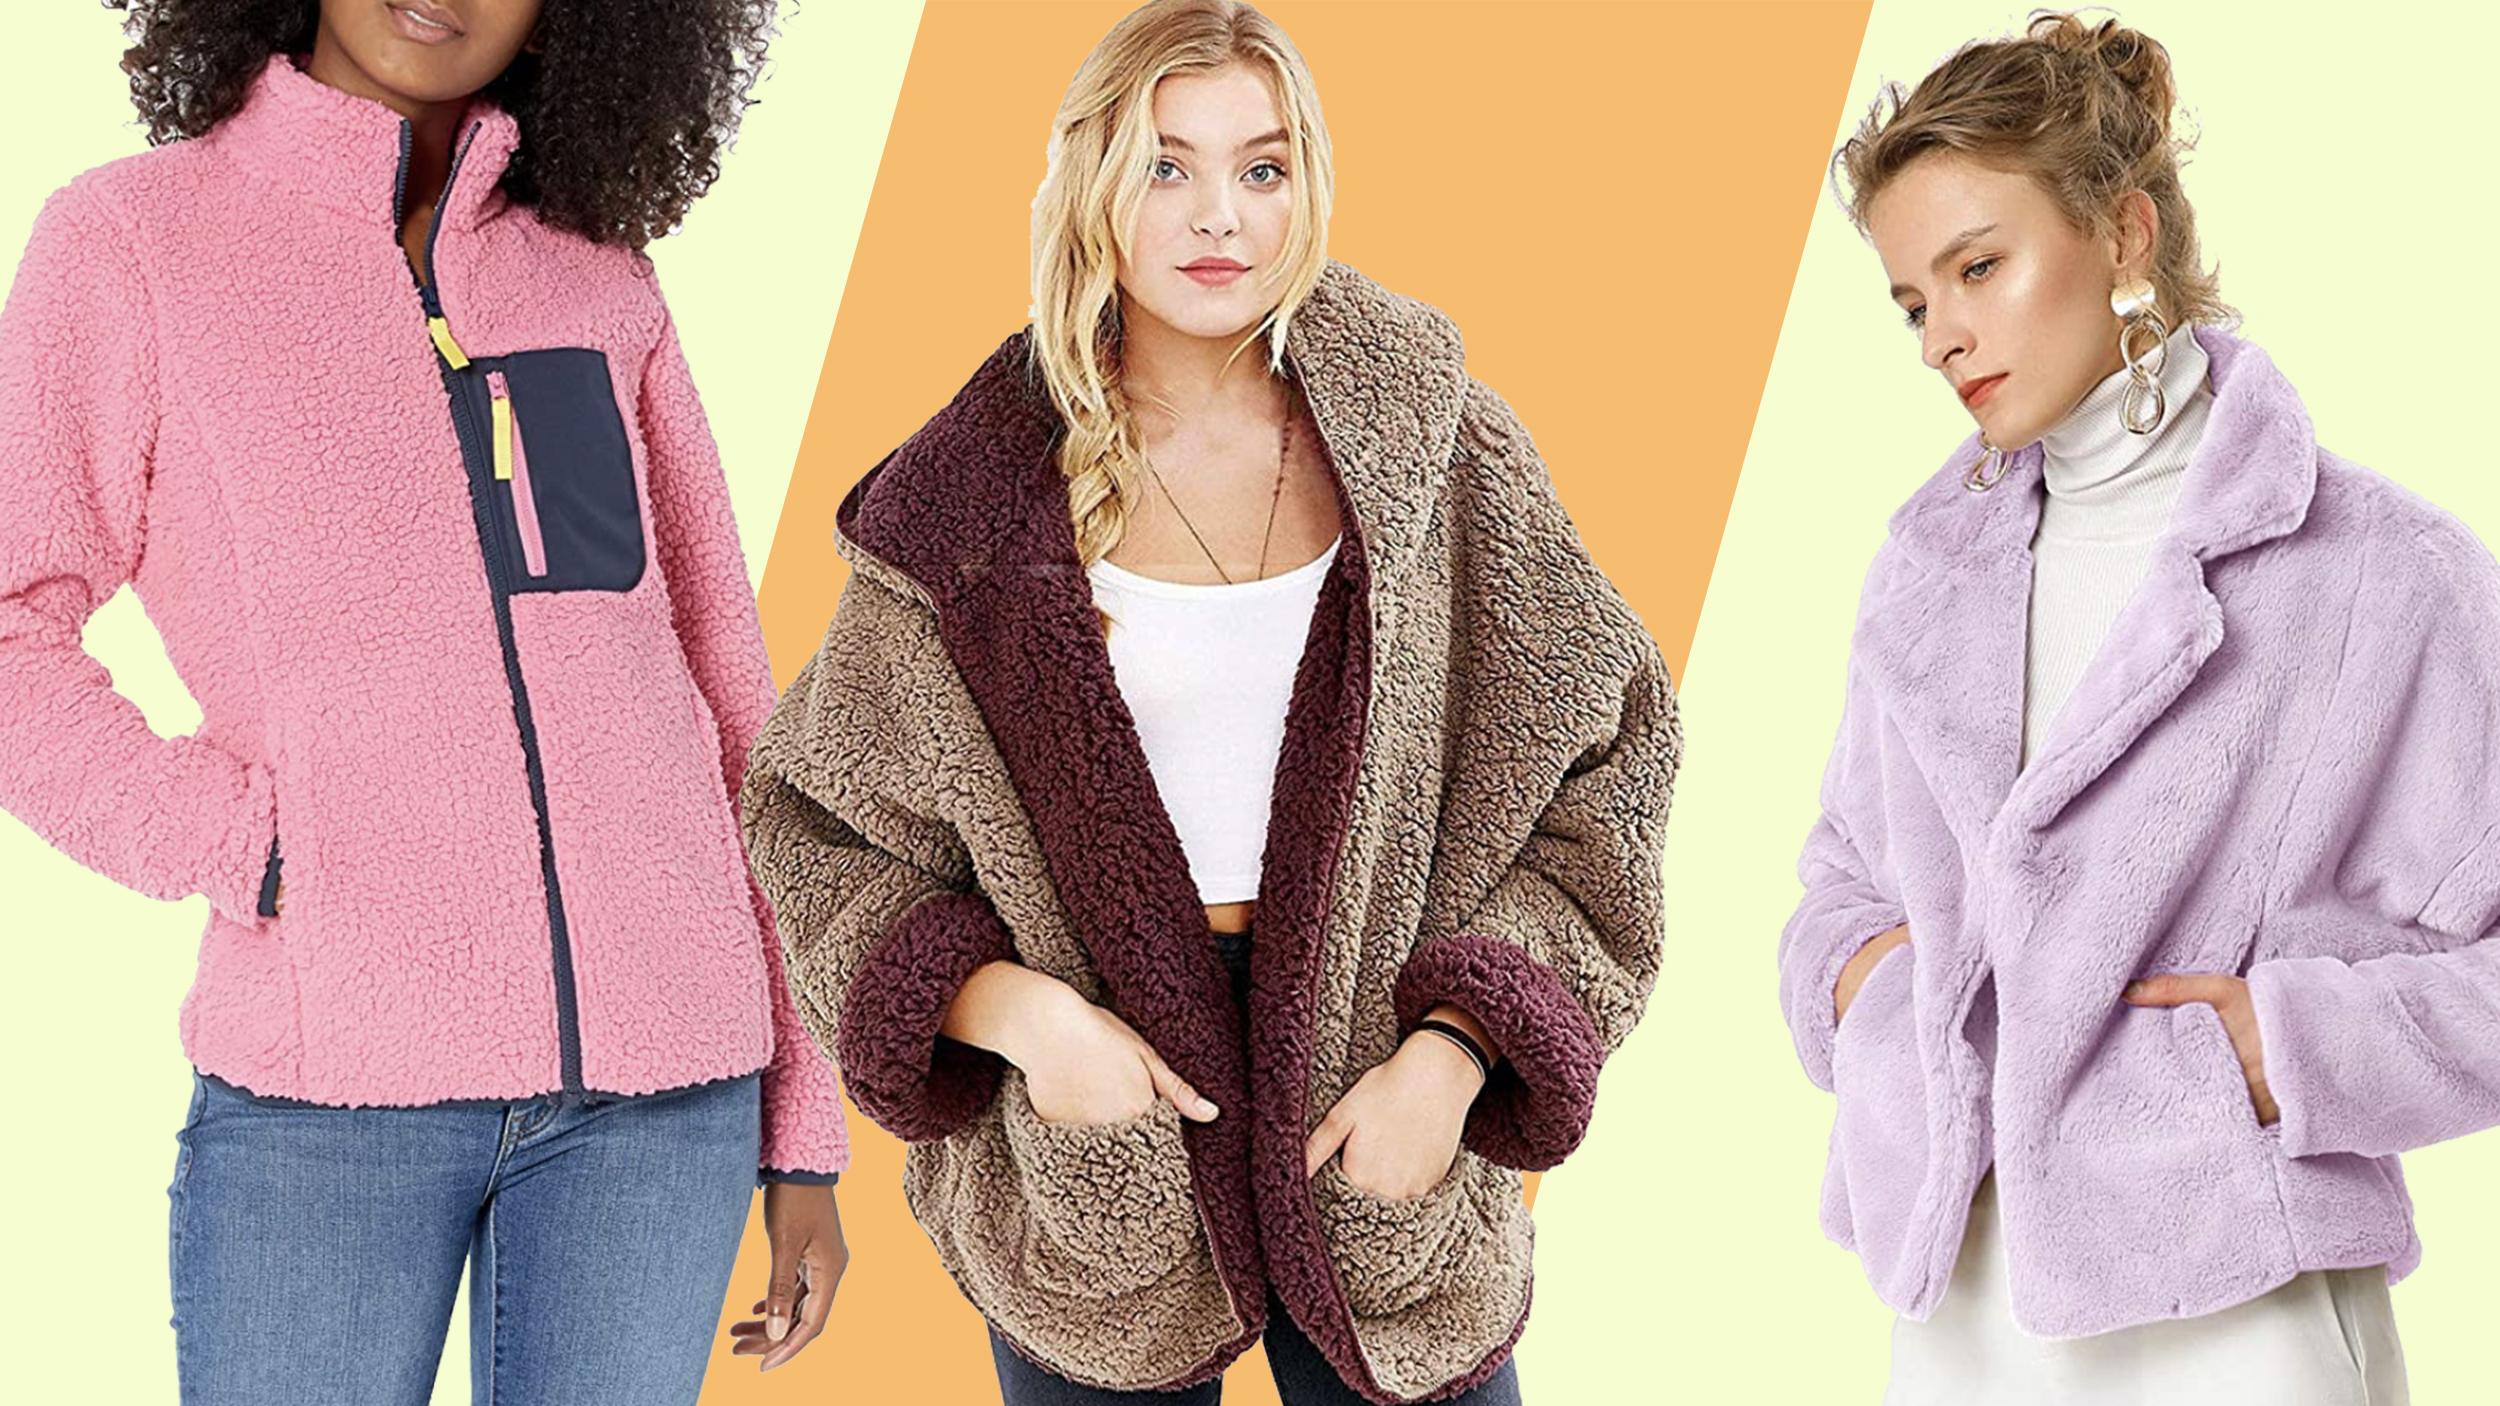 YYW Womens Faux Fur Color Block Casual Sherpa Fleece Zipper Loose Jacket Coat Warm Fuzzy Shaggy Outwear Pockets